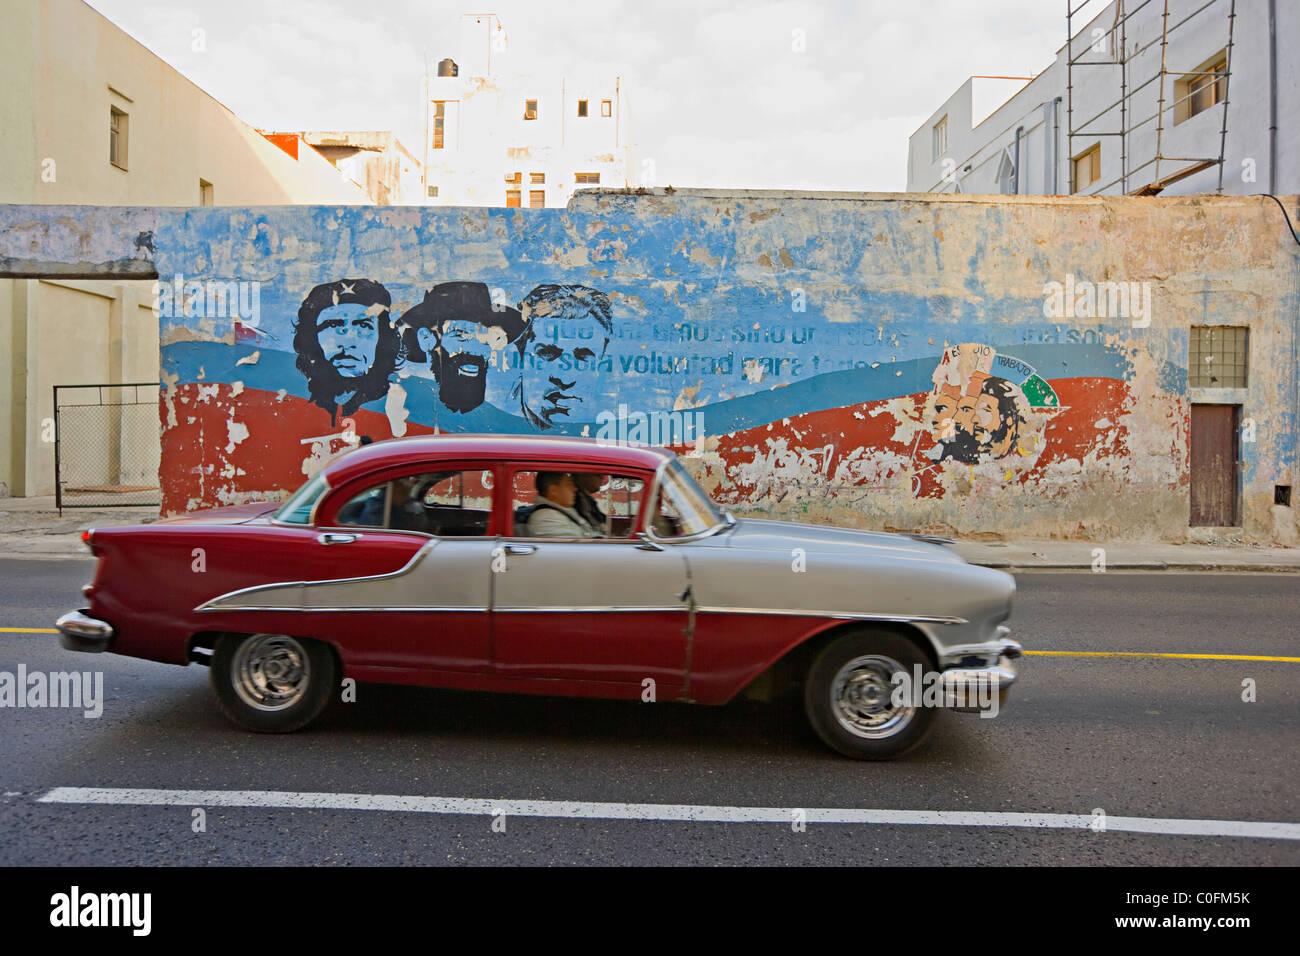 Un vieux American 1950 conduite automobile passé une fresque peinte Che Guevara à La Havane Cuba Banque D'Images